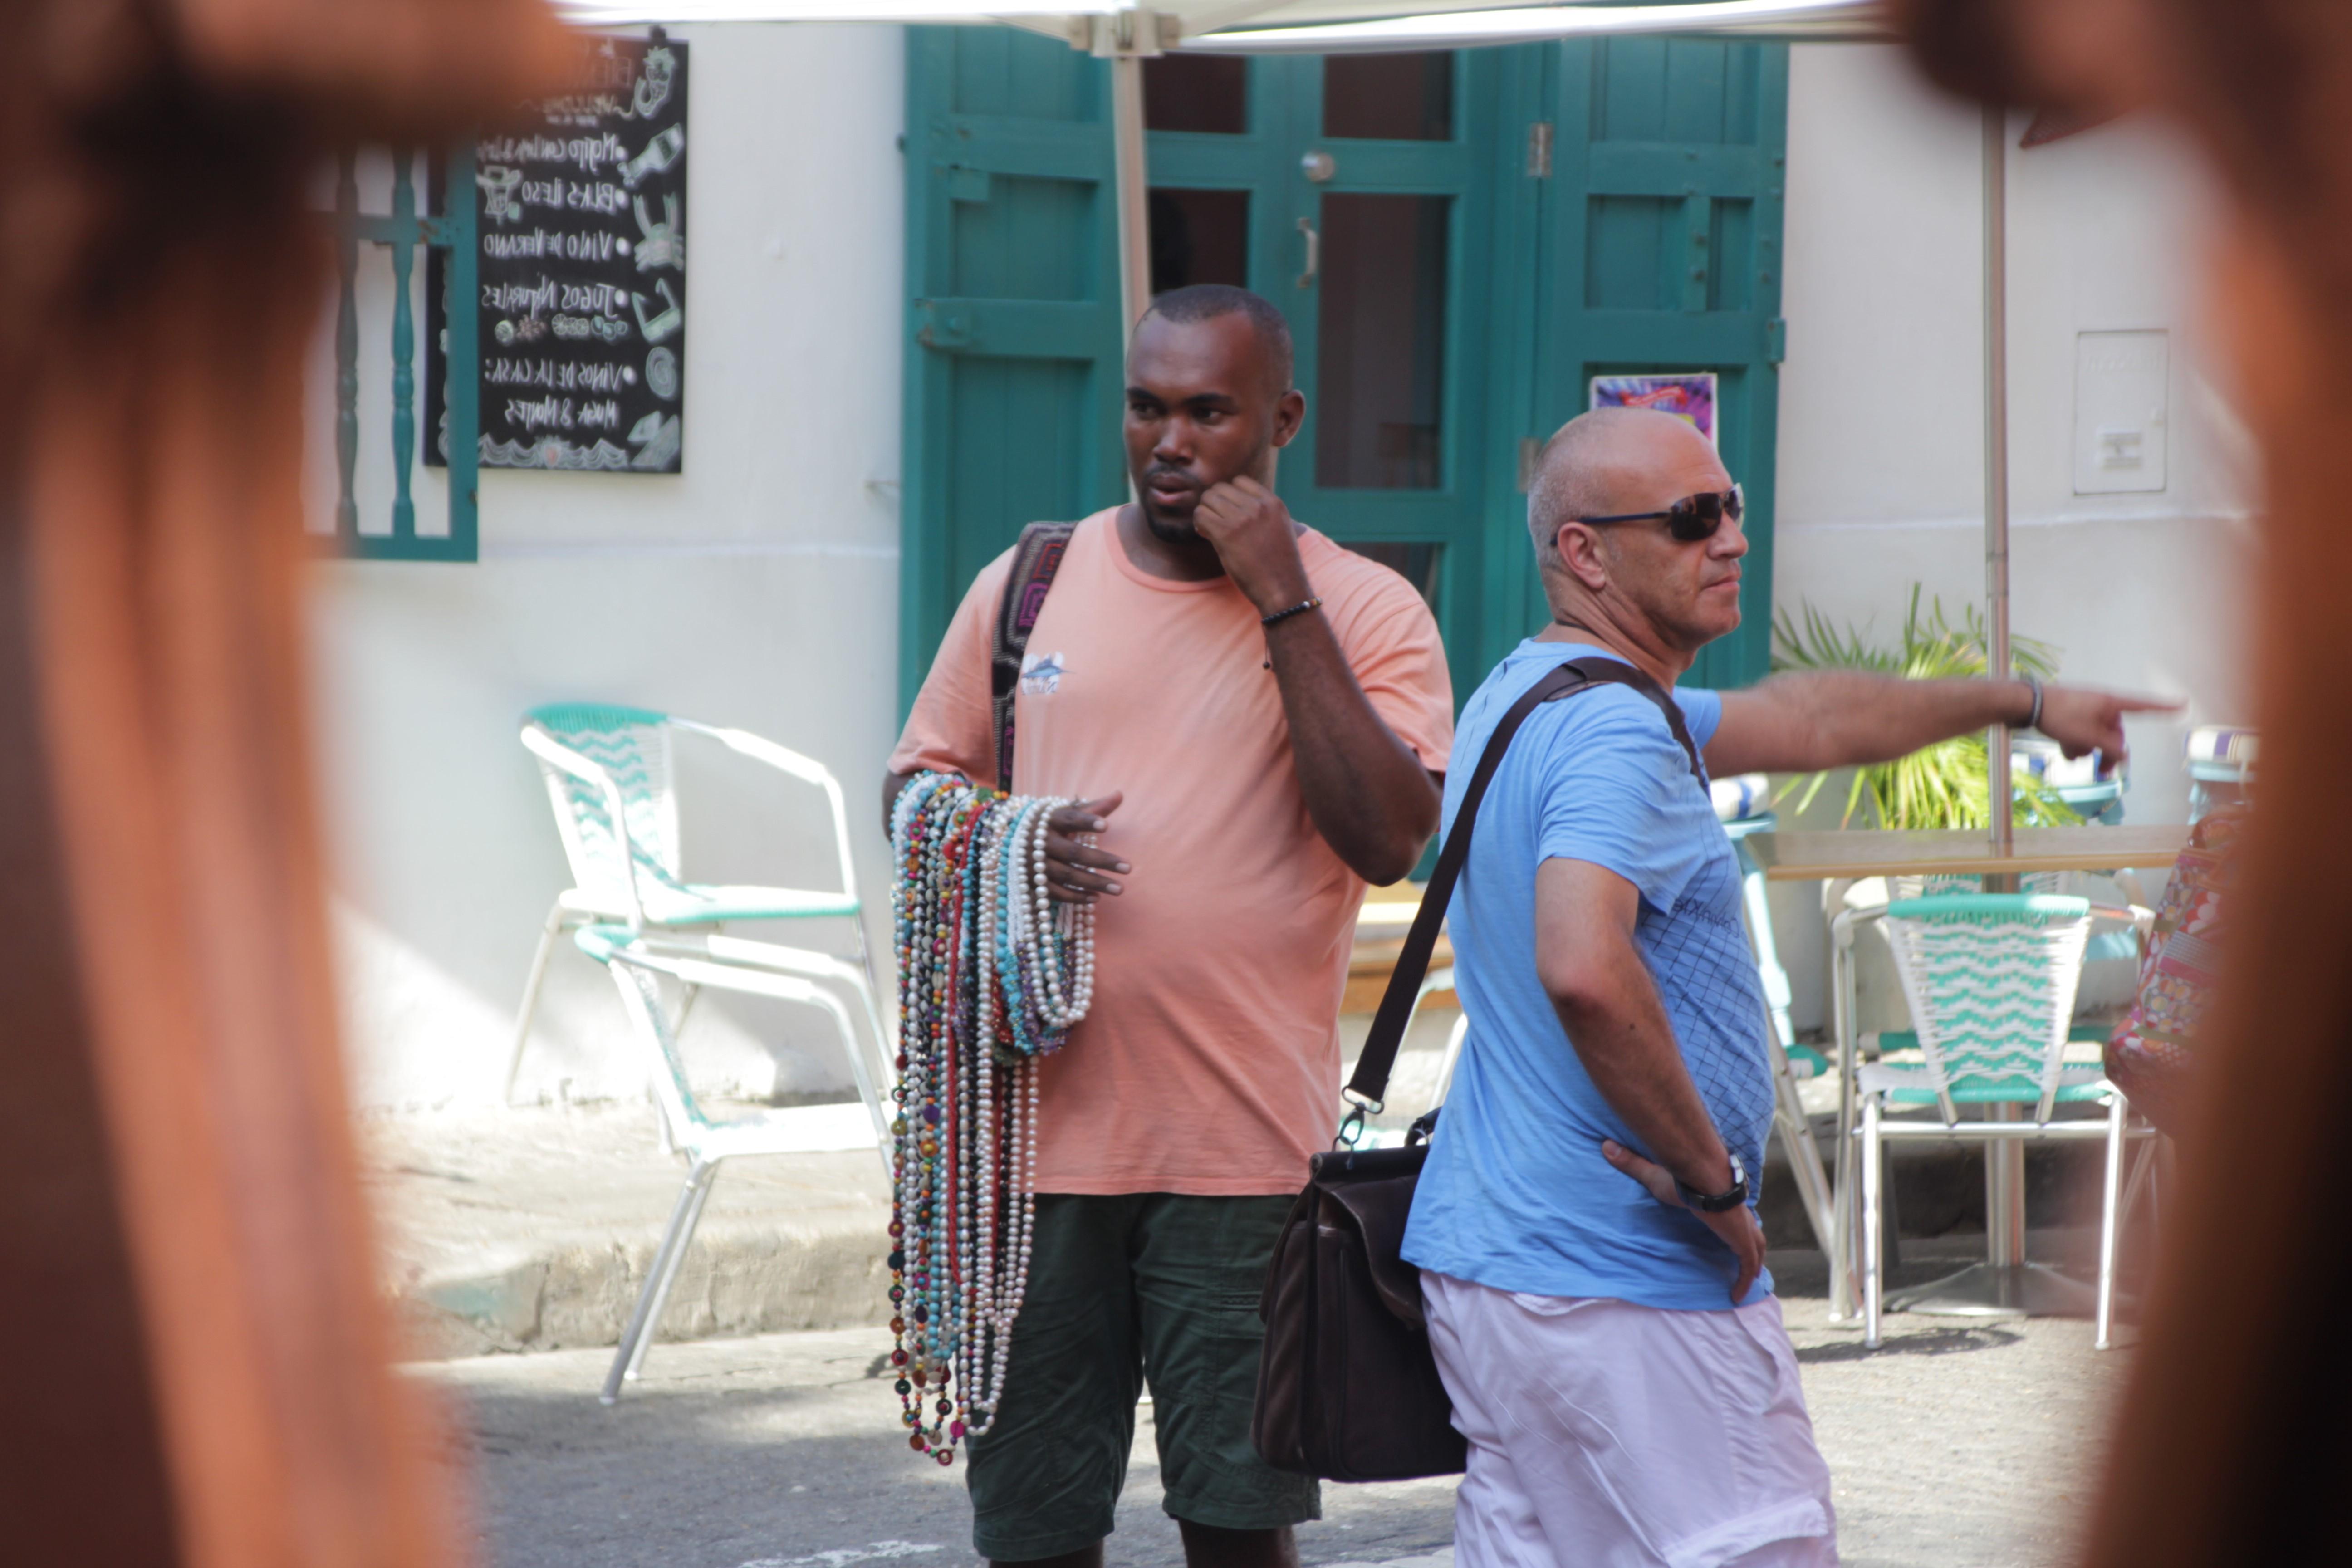 Les vendeurs à la sauvette garnissent les ruelles, toujours prêts à bondir sur les touristes (© Jérôme Decoster).